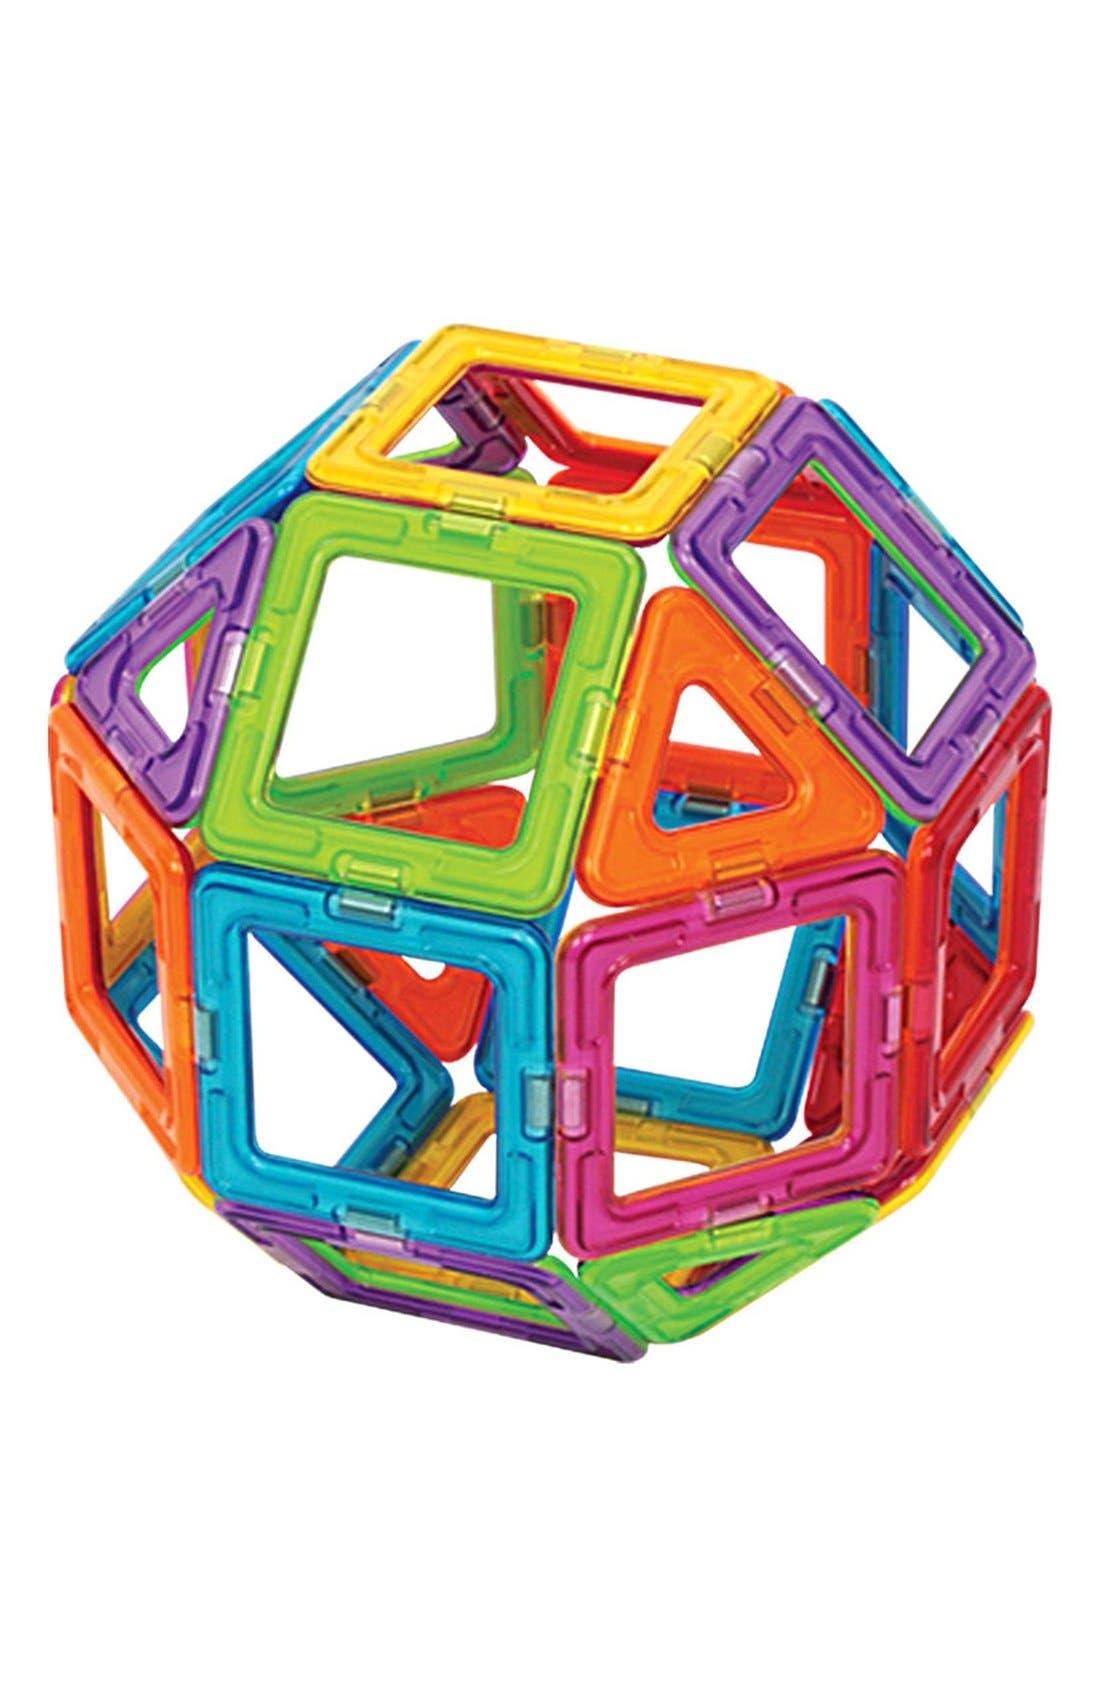 'Standard' Magnetic 3D Construction Set,                             Alternate thumbnail 2, color,                             Rainbow